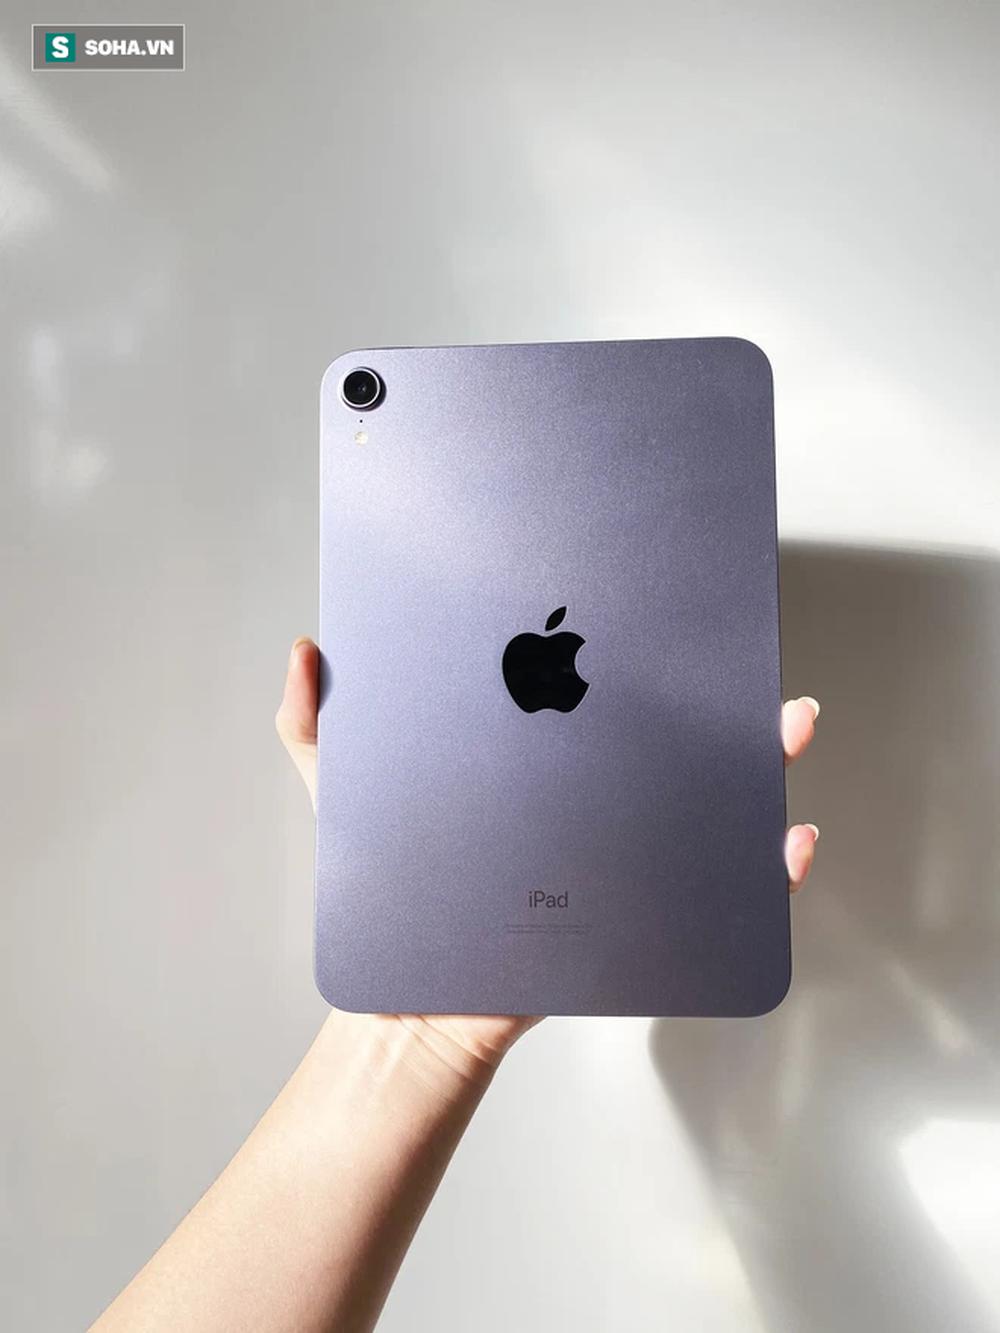 Sờ tận tay iPad mini mới, đẹp ngoài mong đợi, hiệu năng đỉnh, giá 14,5 triệu đồng - Ảnh 8.